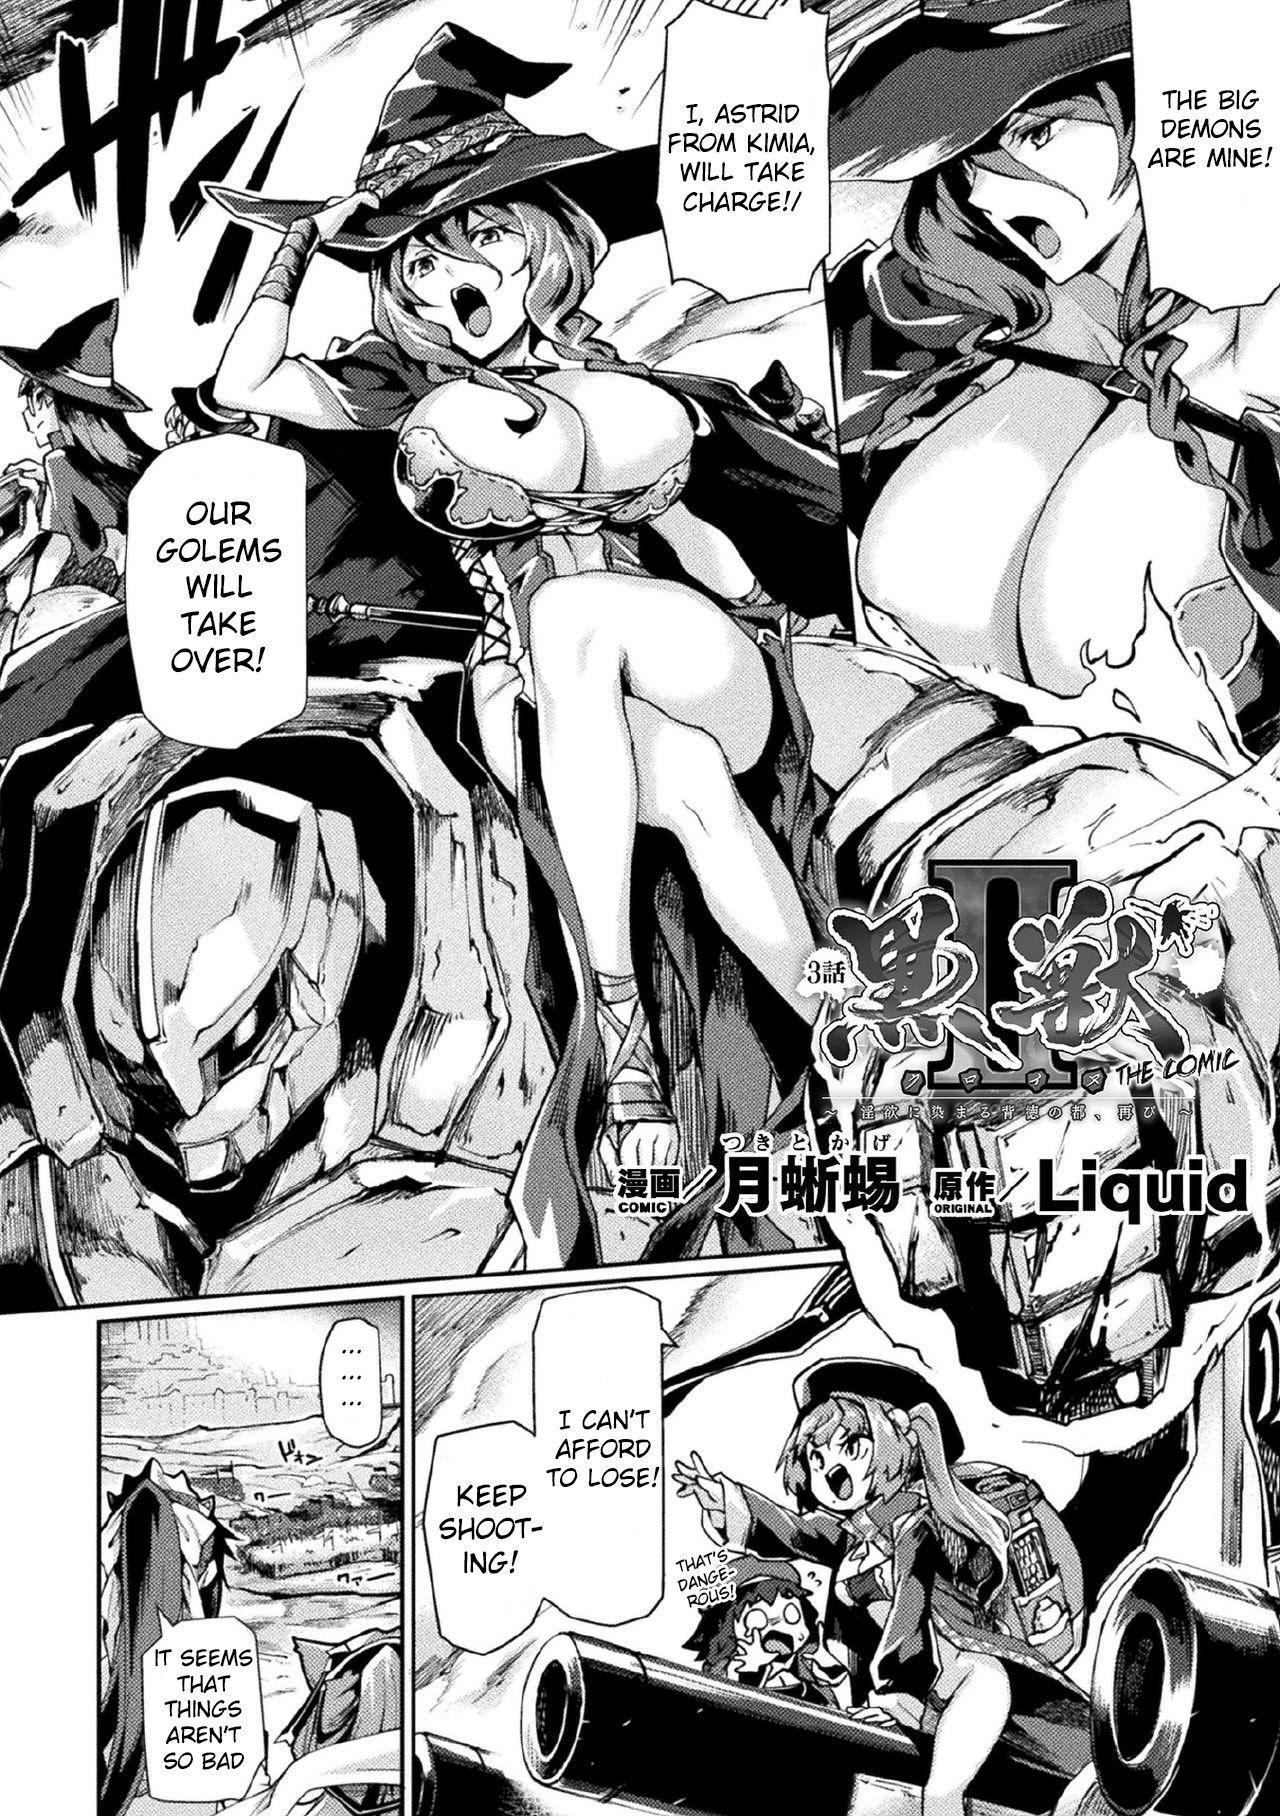 [Tsukitokage] Kuroinu II ~Inyoku ni Somaru Haitoku no Miyako, Futatabi~ THE COMIC Chapter 3 (Kukkoro Heroines Vol. 1) [English] {Hennojin+Raknnkarscans} [Decensored] [Digital] 1